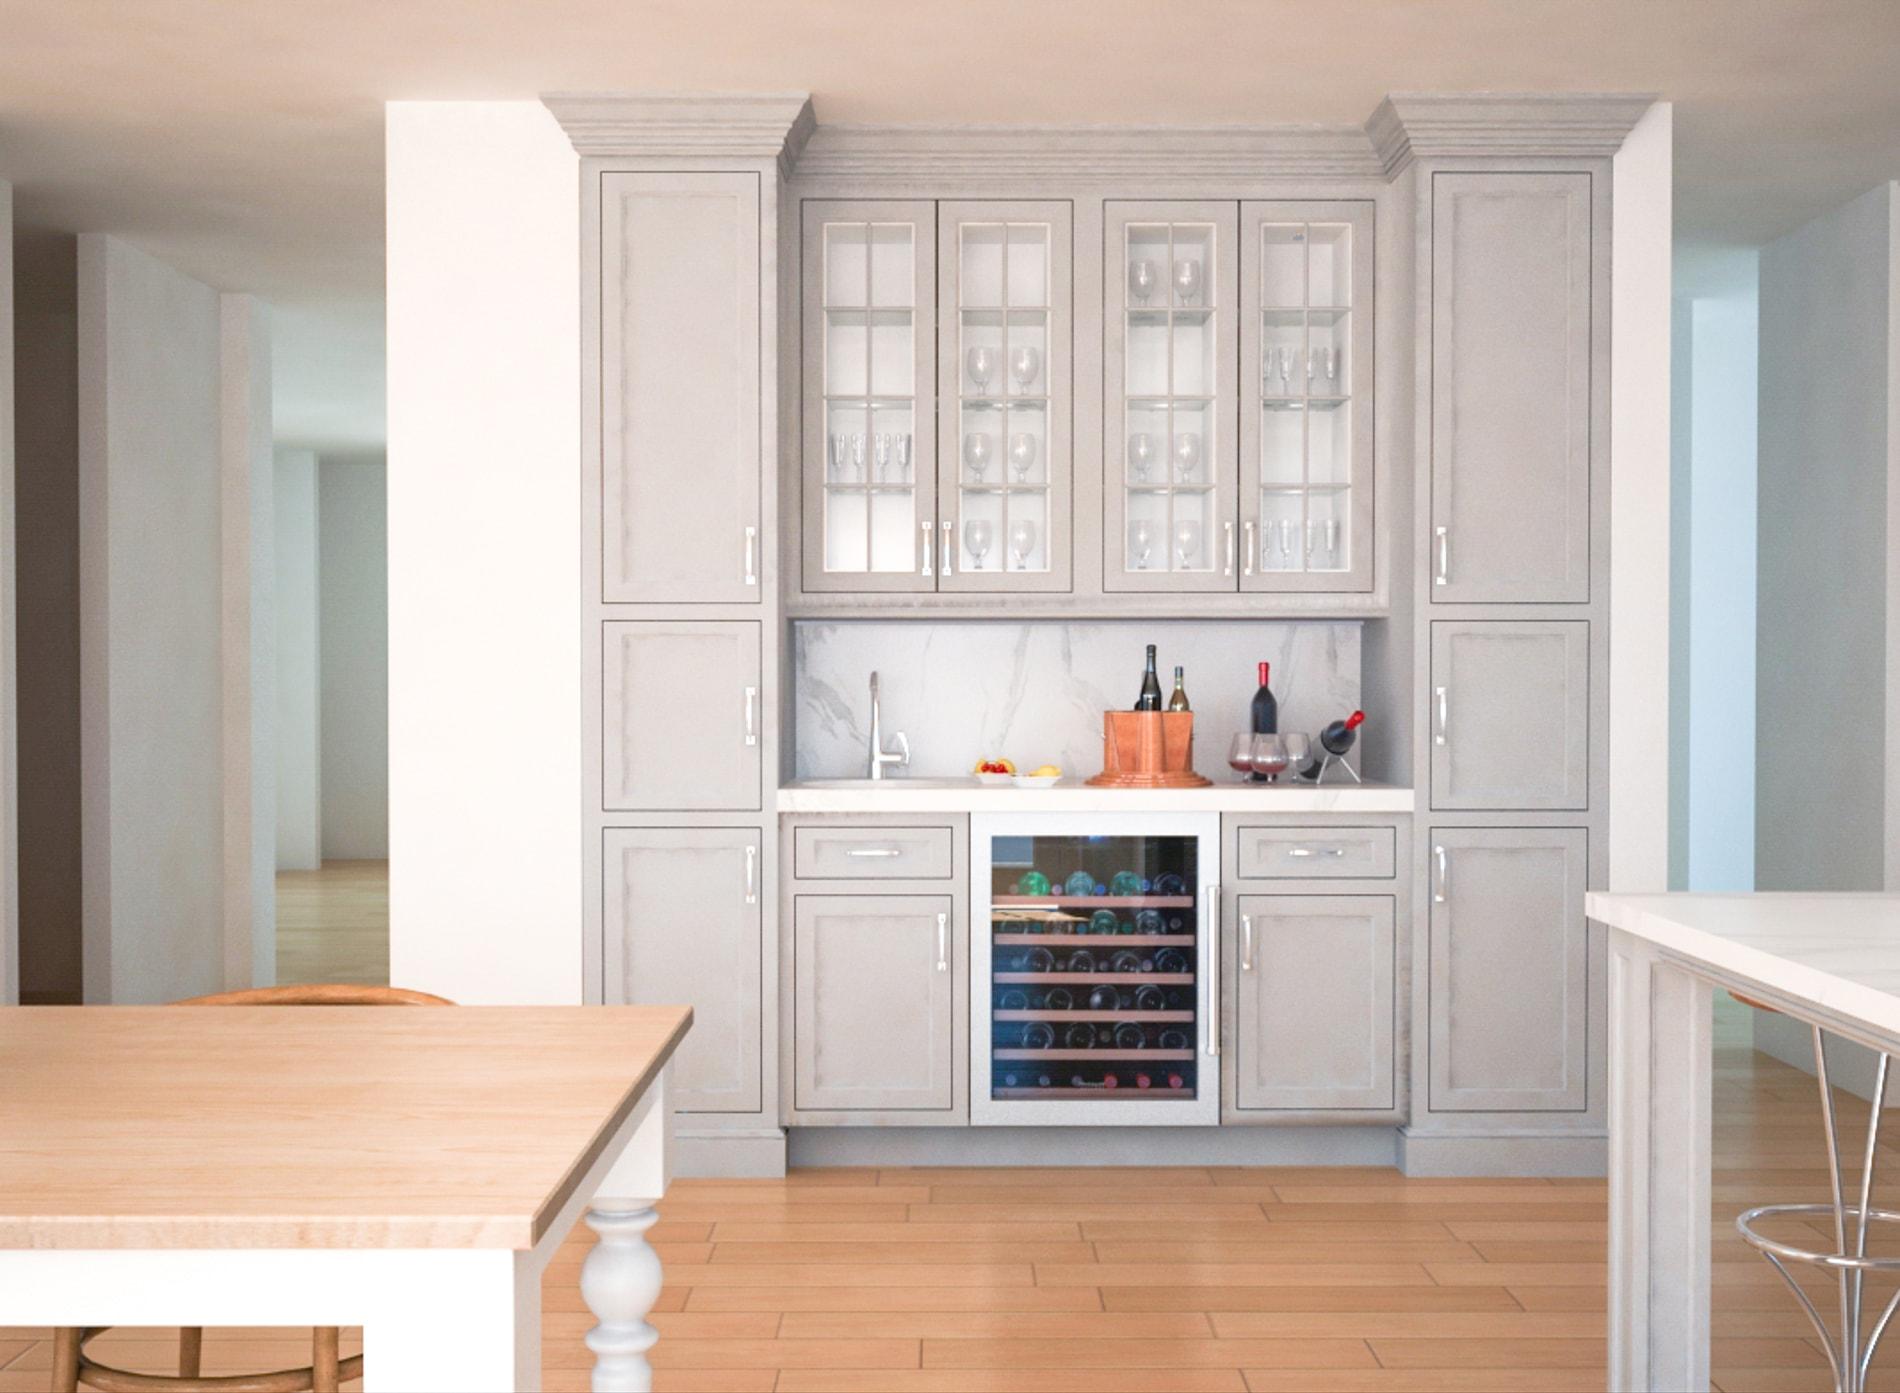 varista design modular kitchen interior designs